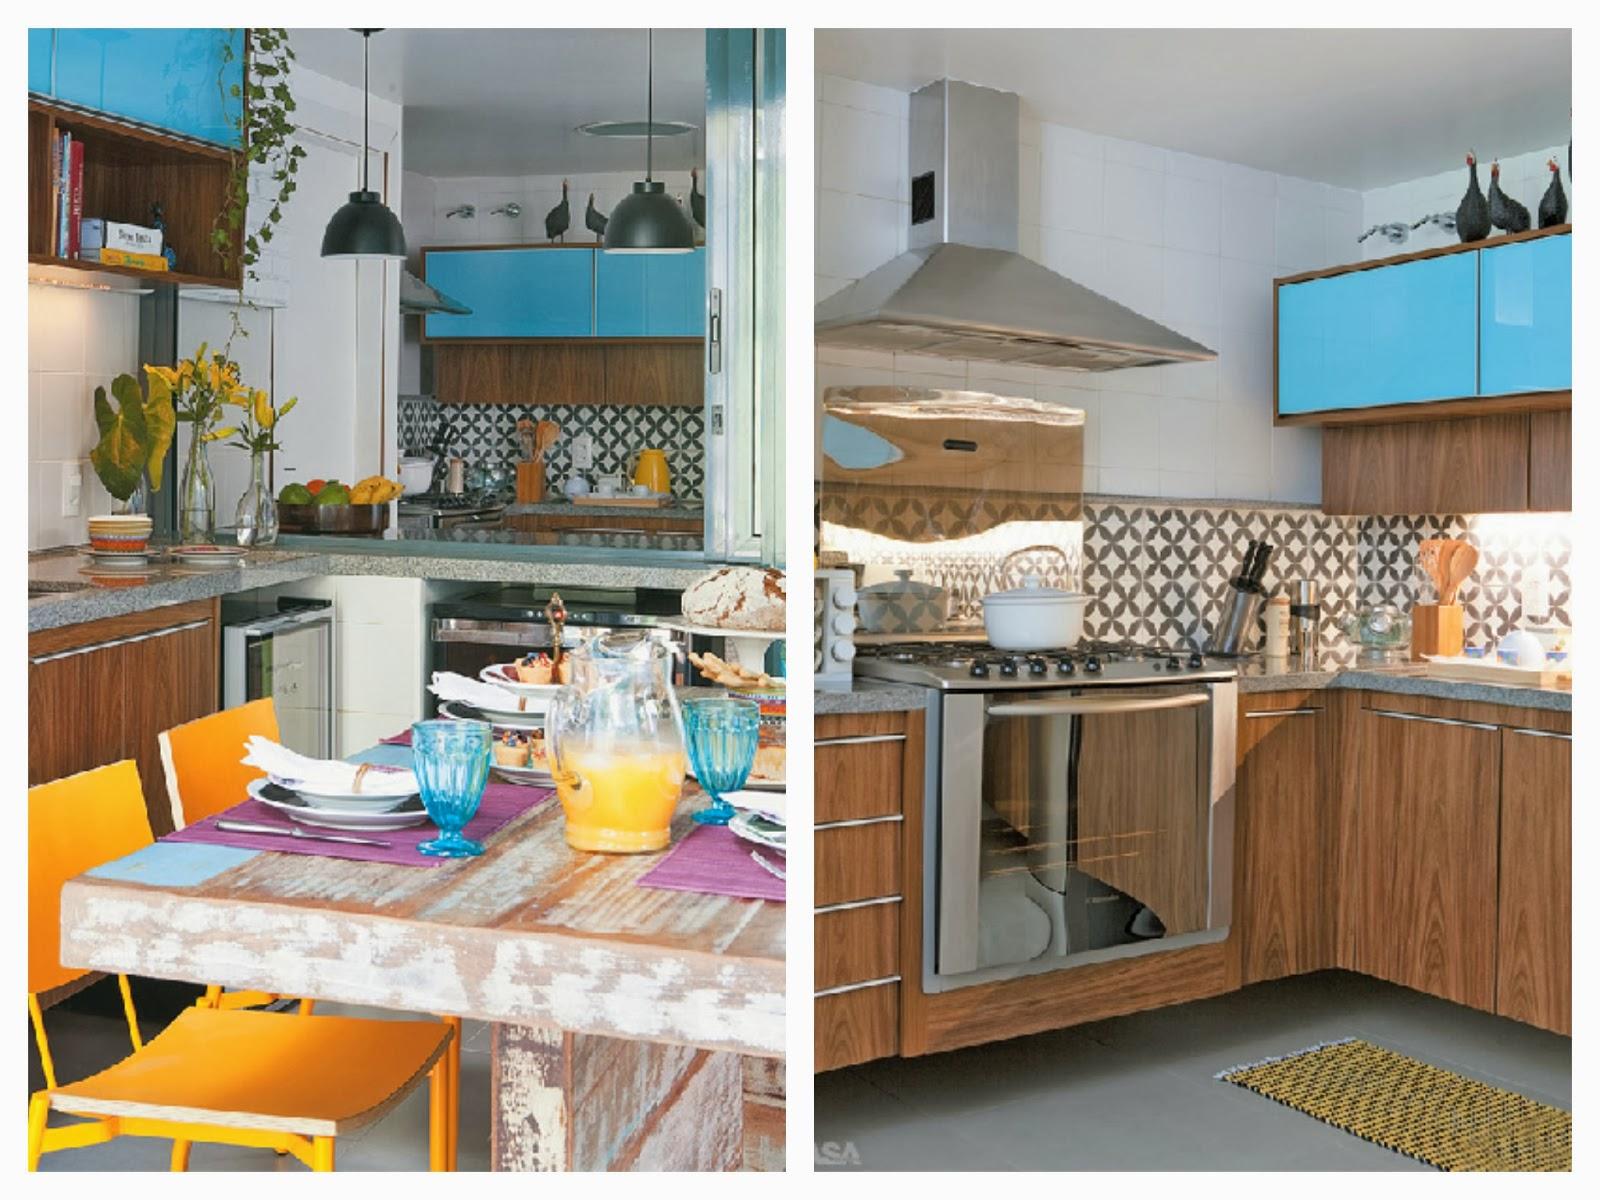 decoracao de cozinha azul e amarelo: cozinha e como os armário foram  #B36C18 1600 1200